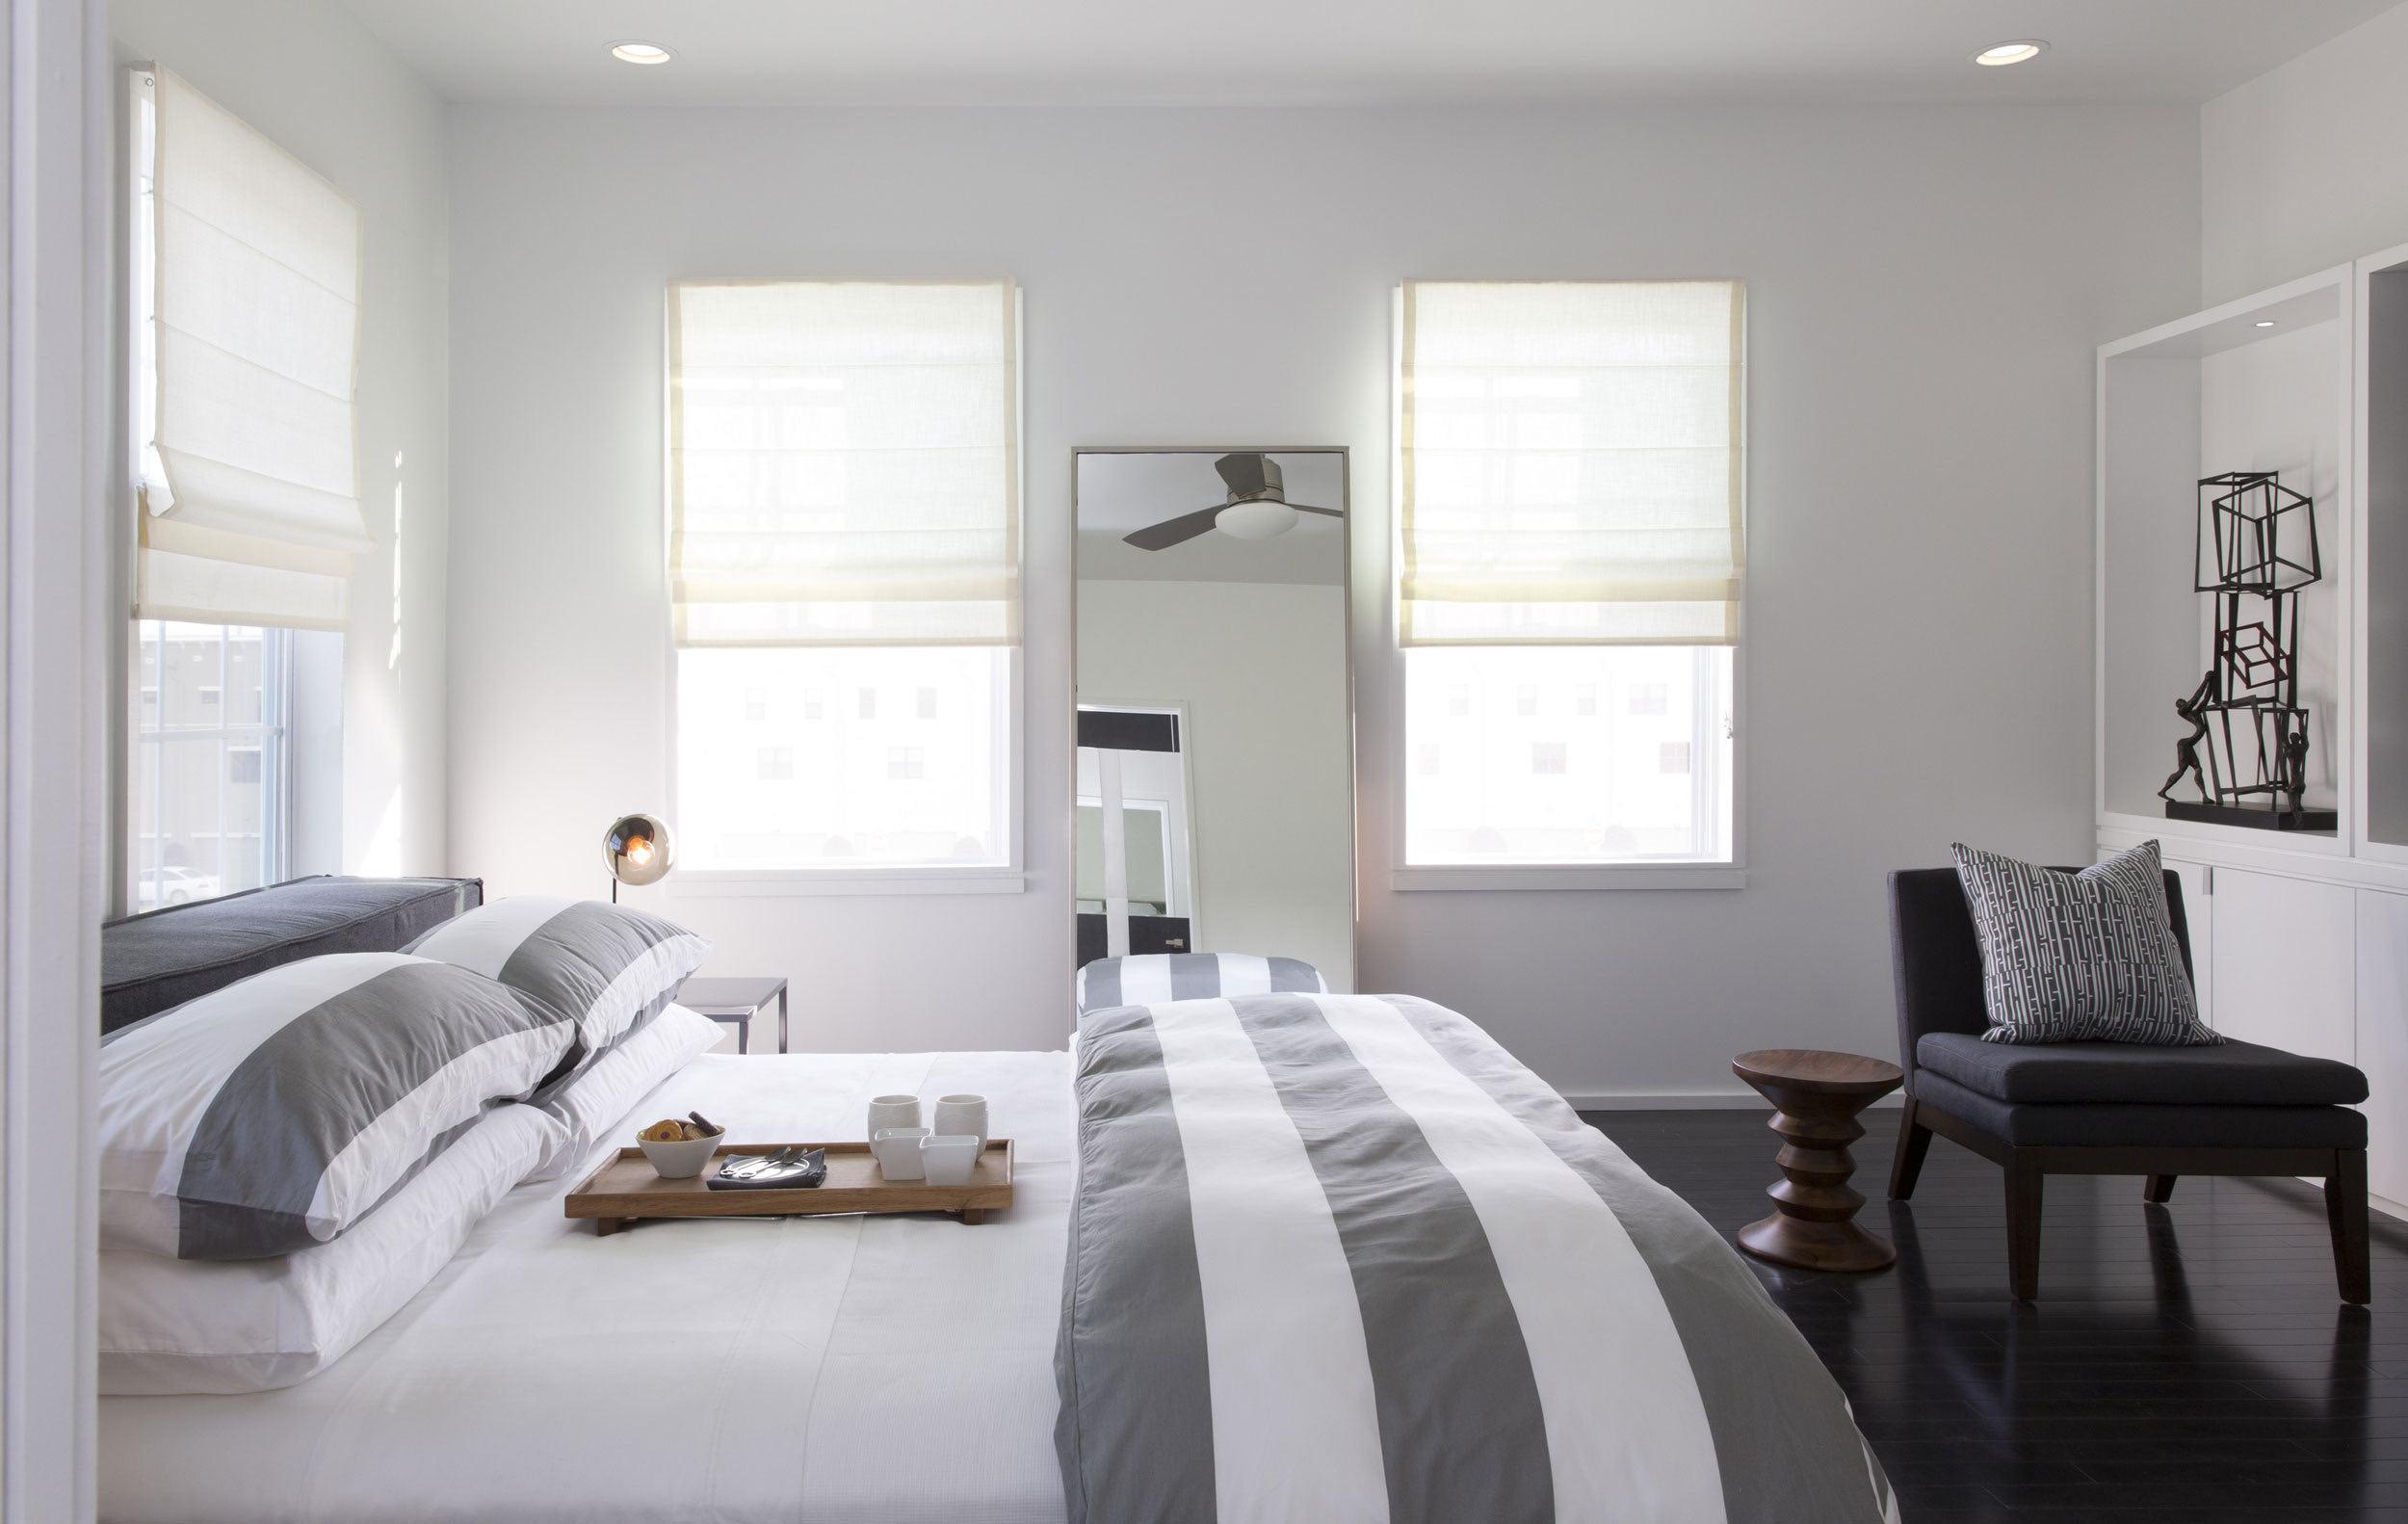 深色木地板搭配白色的墙面贯穿了整个空间